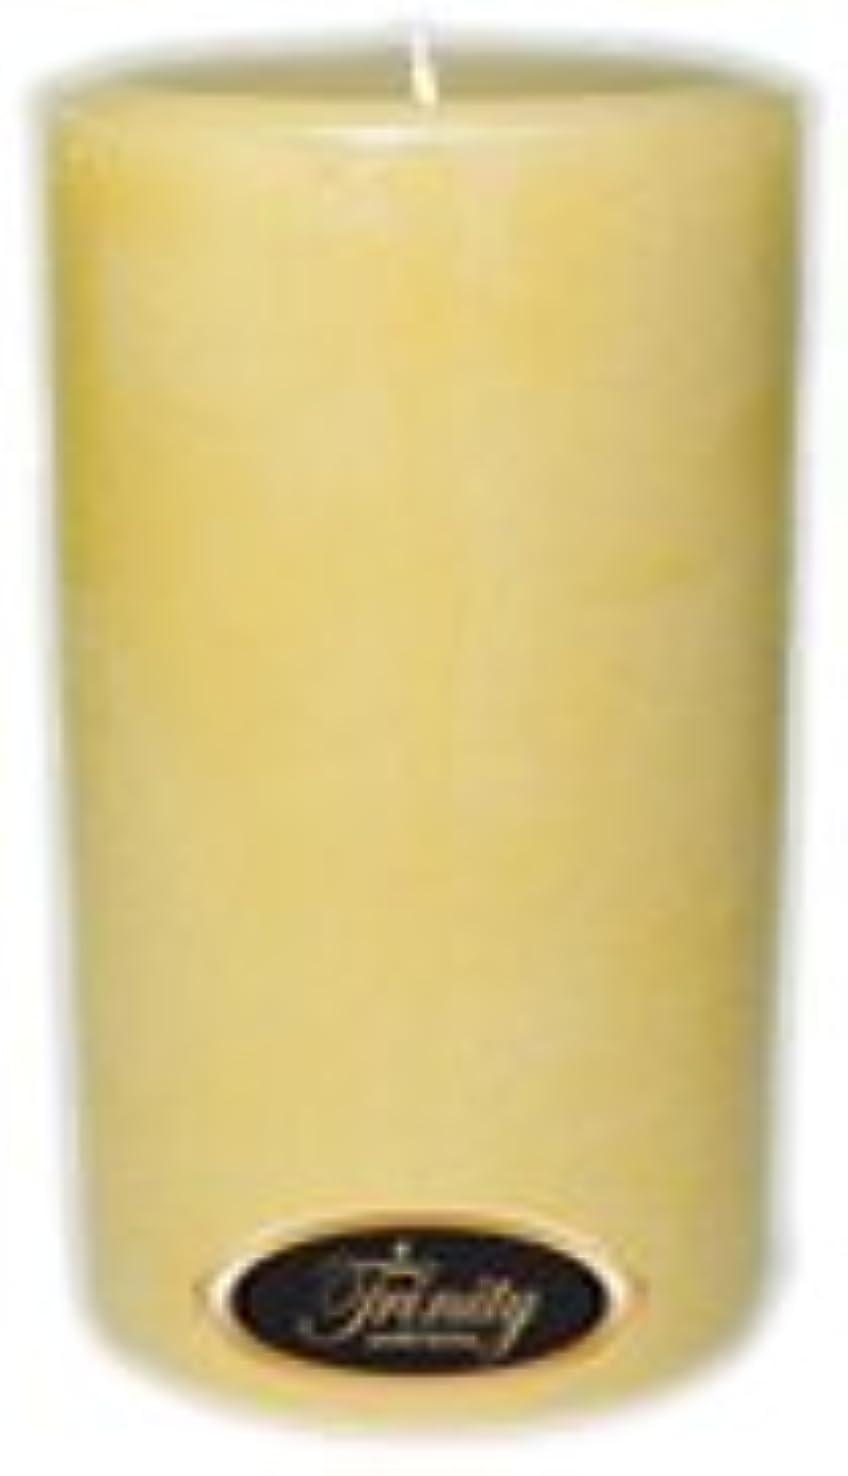 ピーク納税者集団的Trinity Candle工場 – French Vanilla – Pillar Candle – 4 x 6